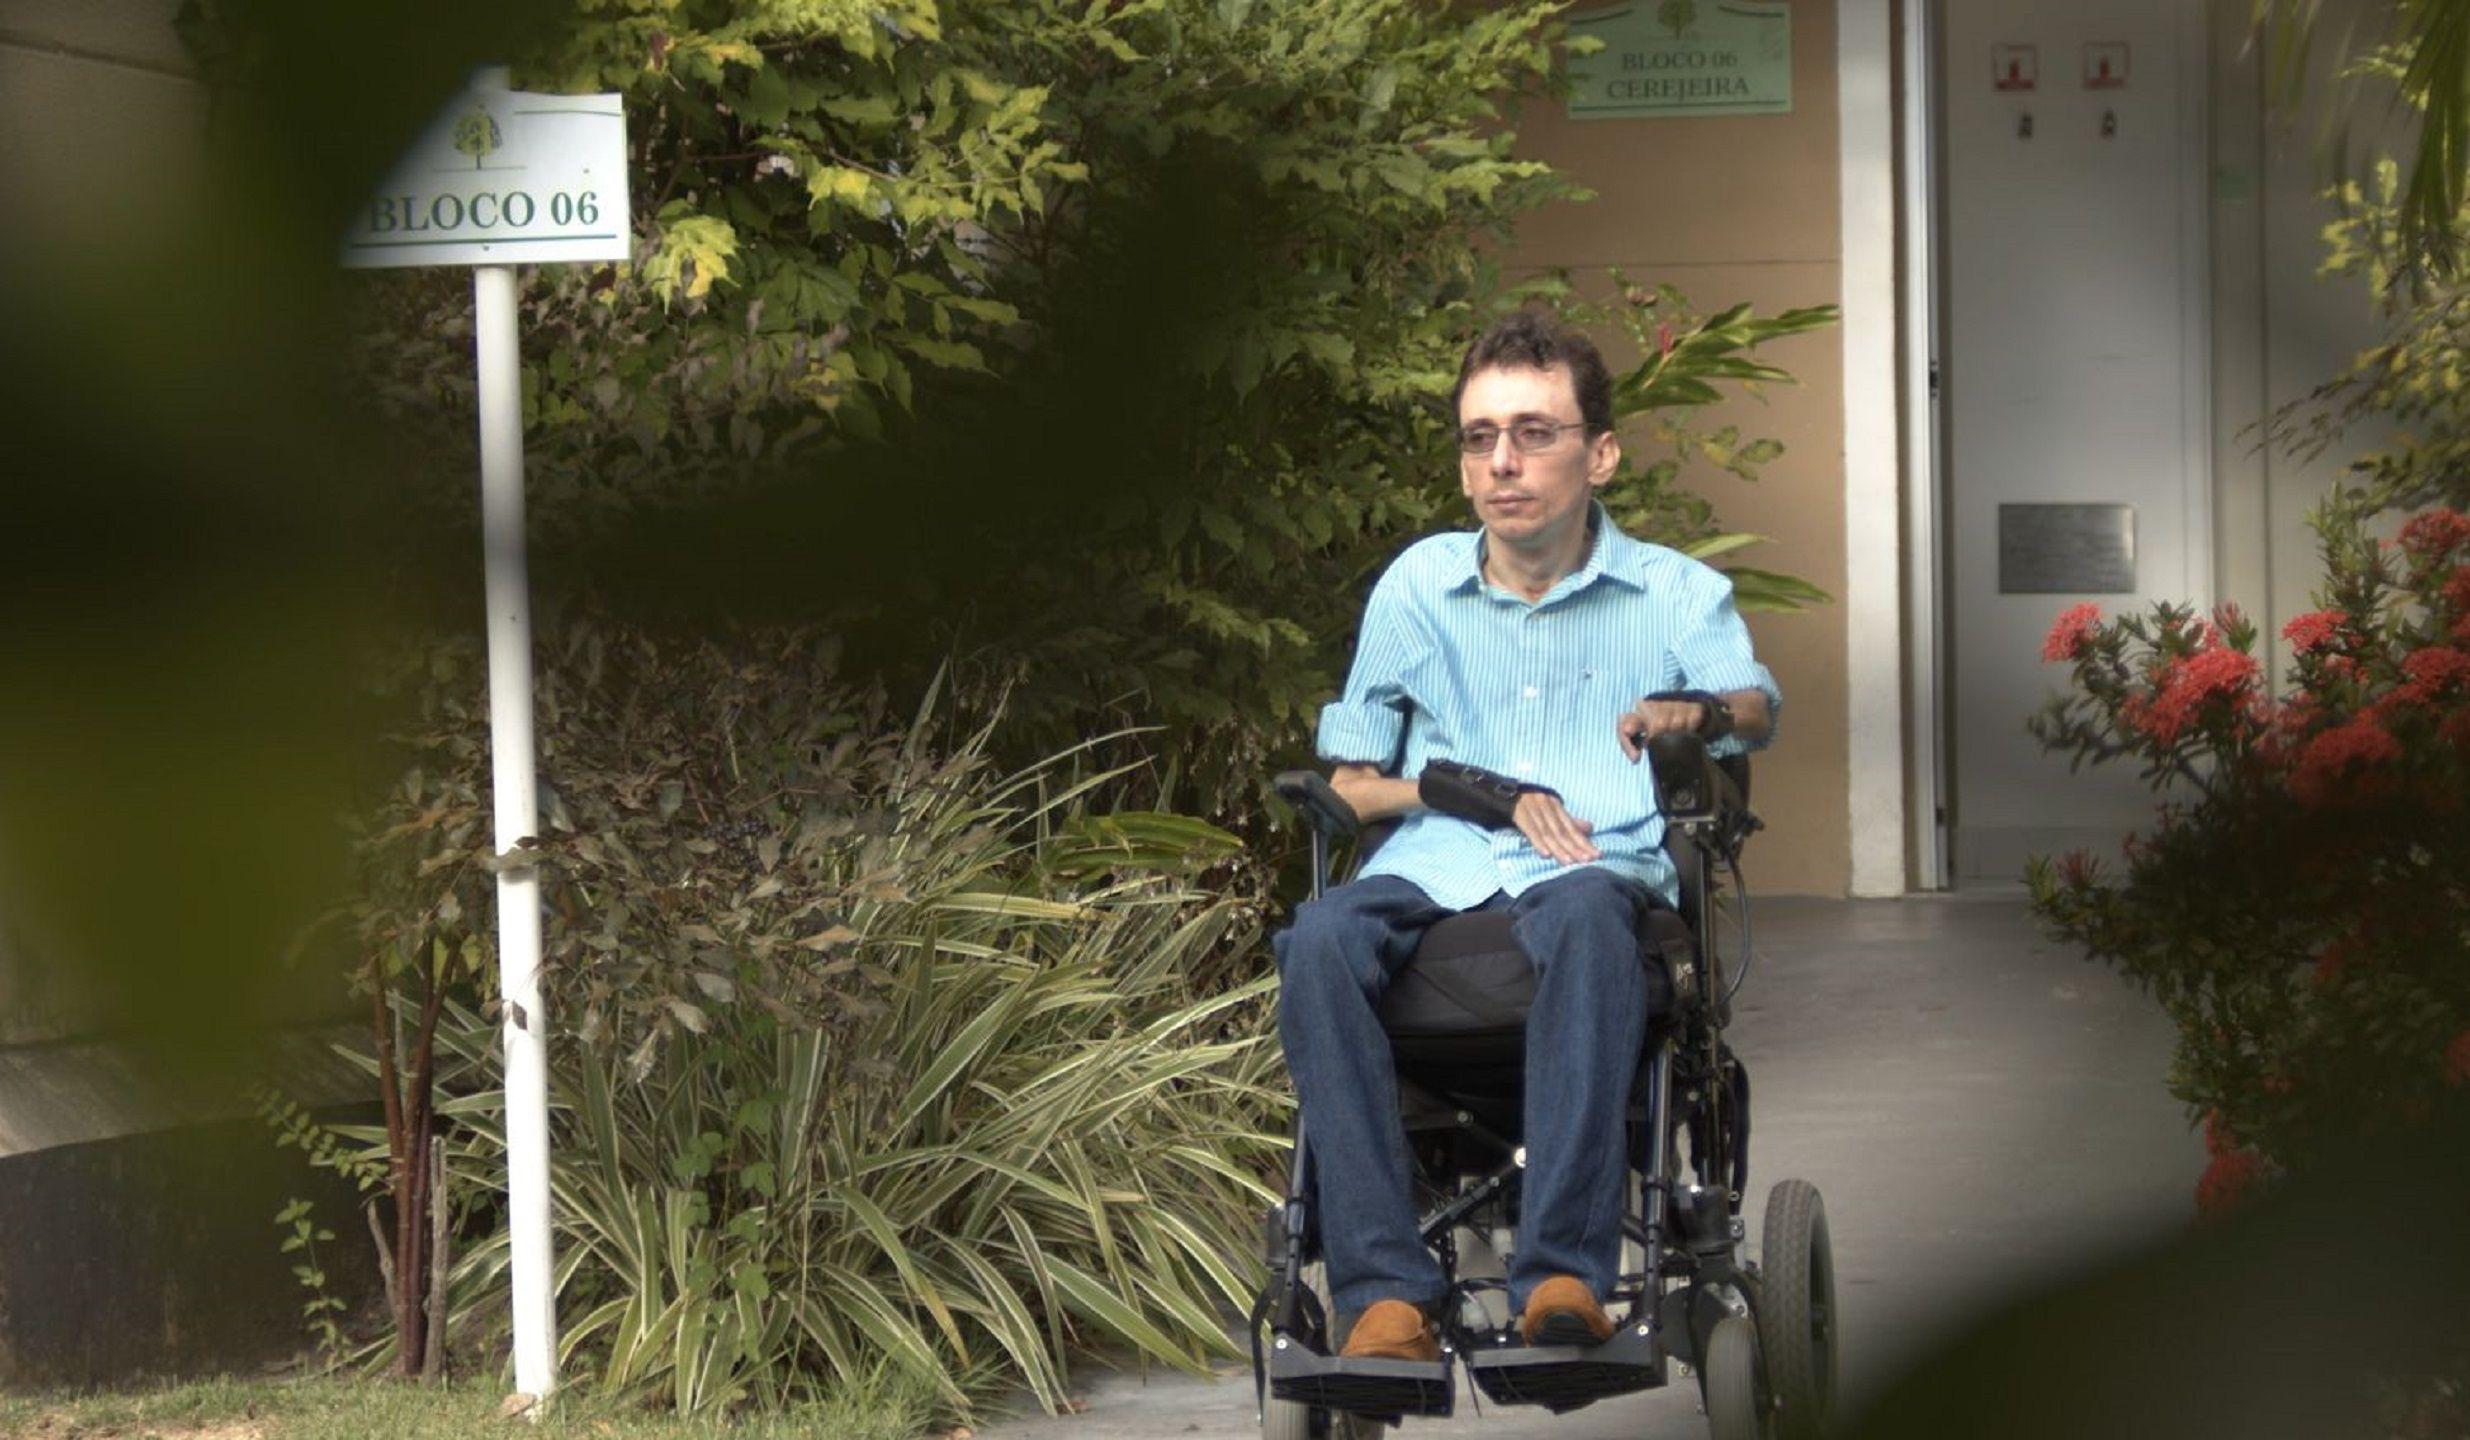 Formado em Psicologia, tetraplégico vence desafios e dá exemplo de superação